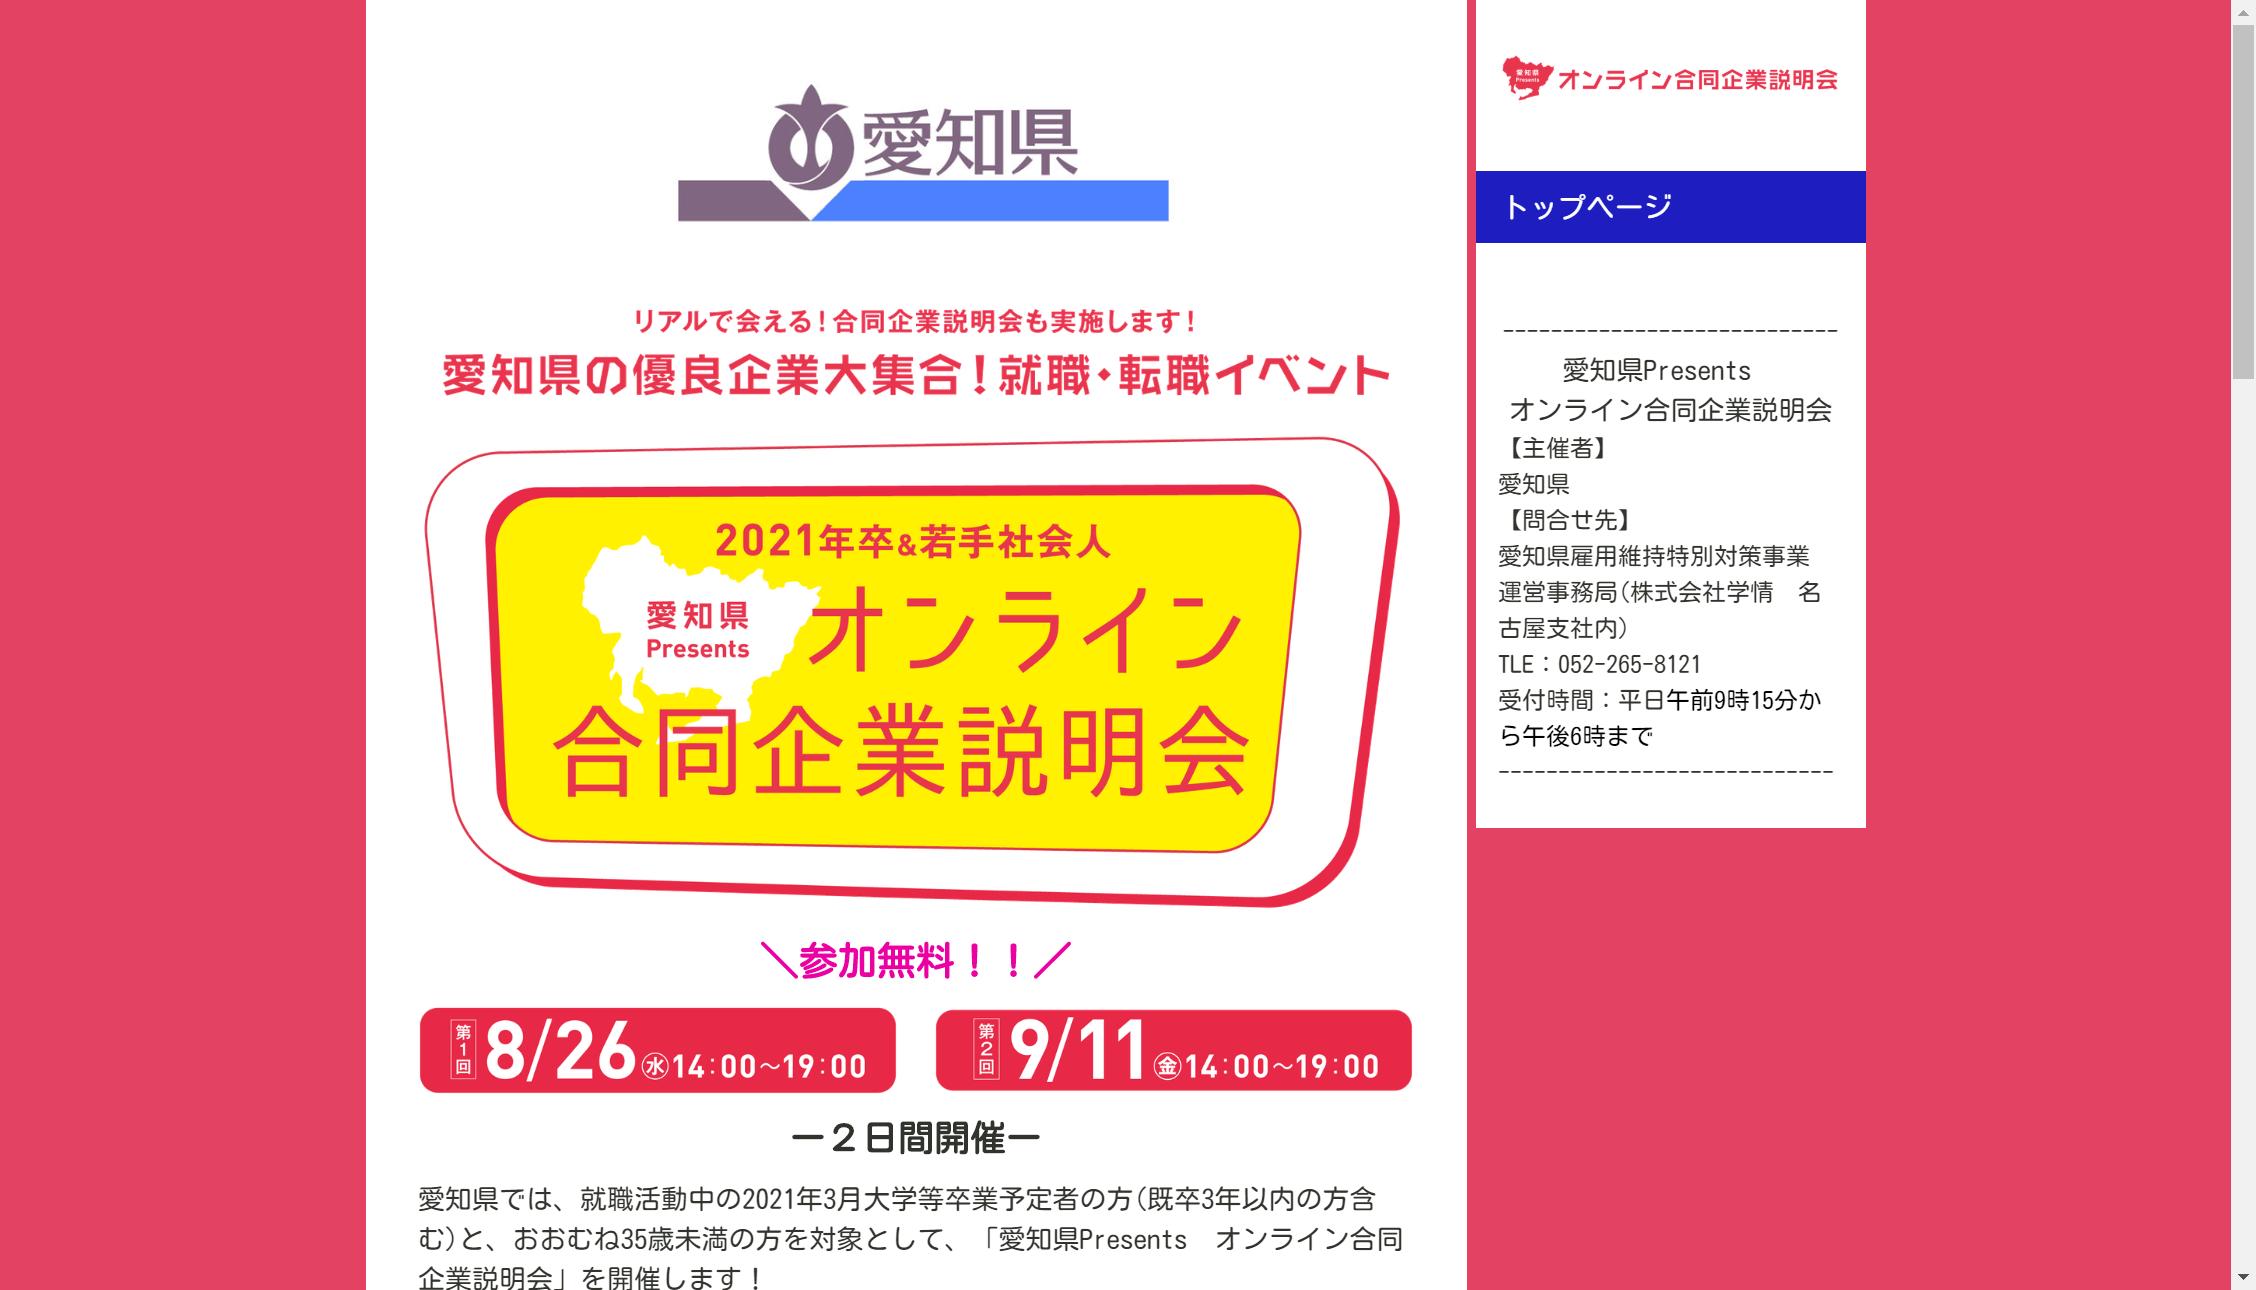 オンライン合同企業説明会